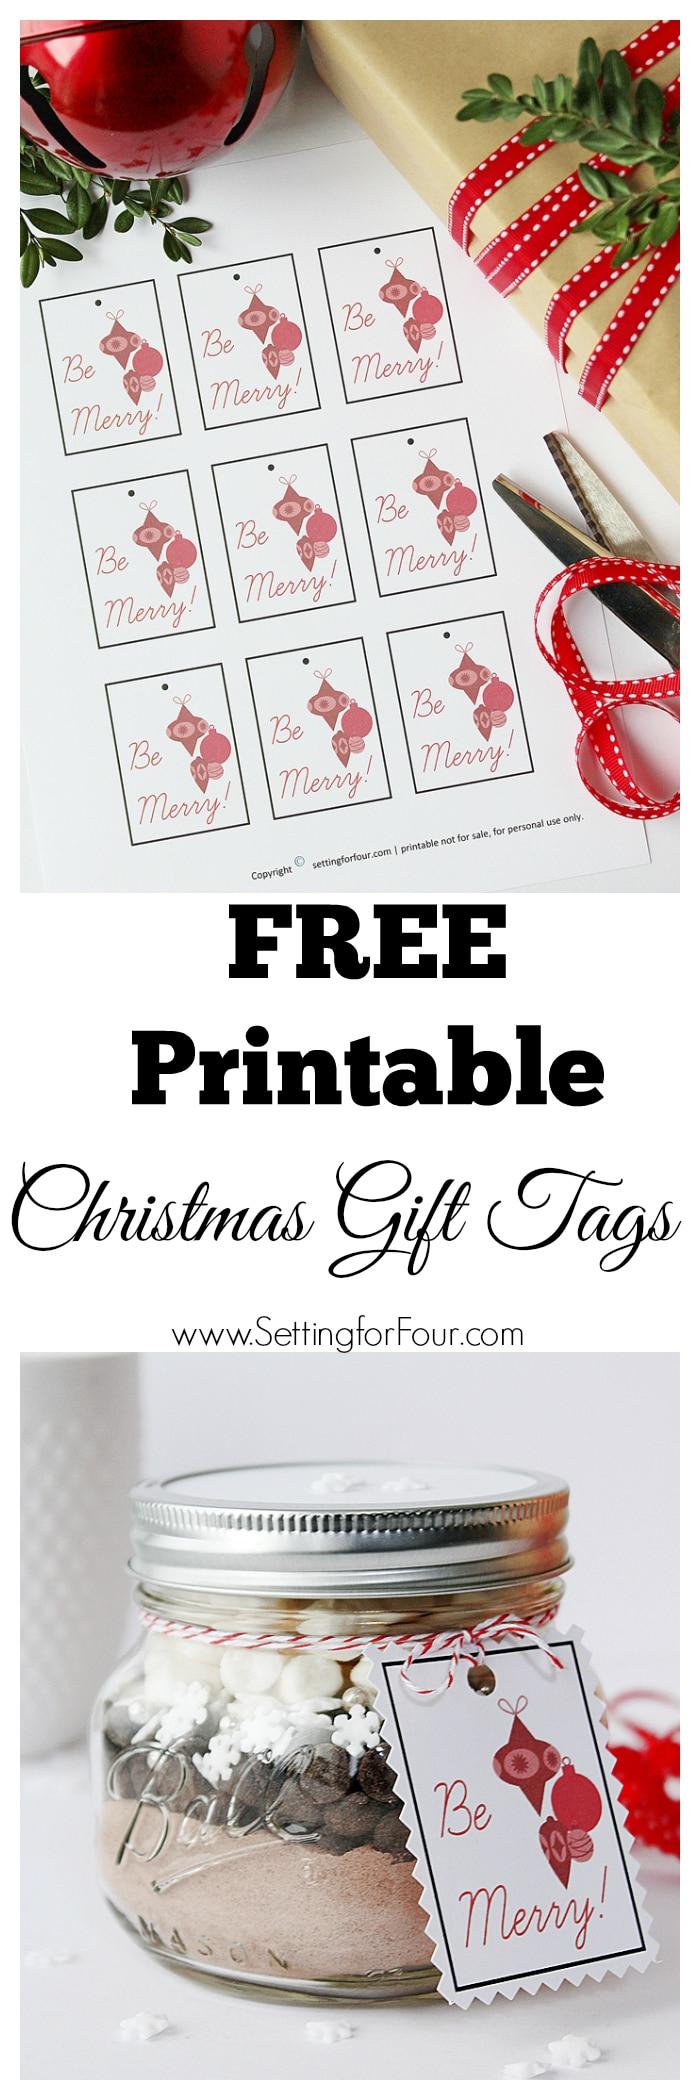 Free Printable Christmas Gift Tags - Setting For Four - Diy Christmas Gift Tags Free Printable